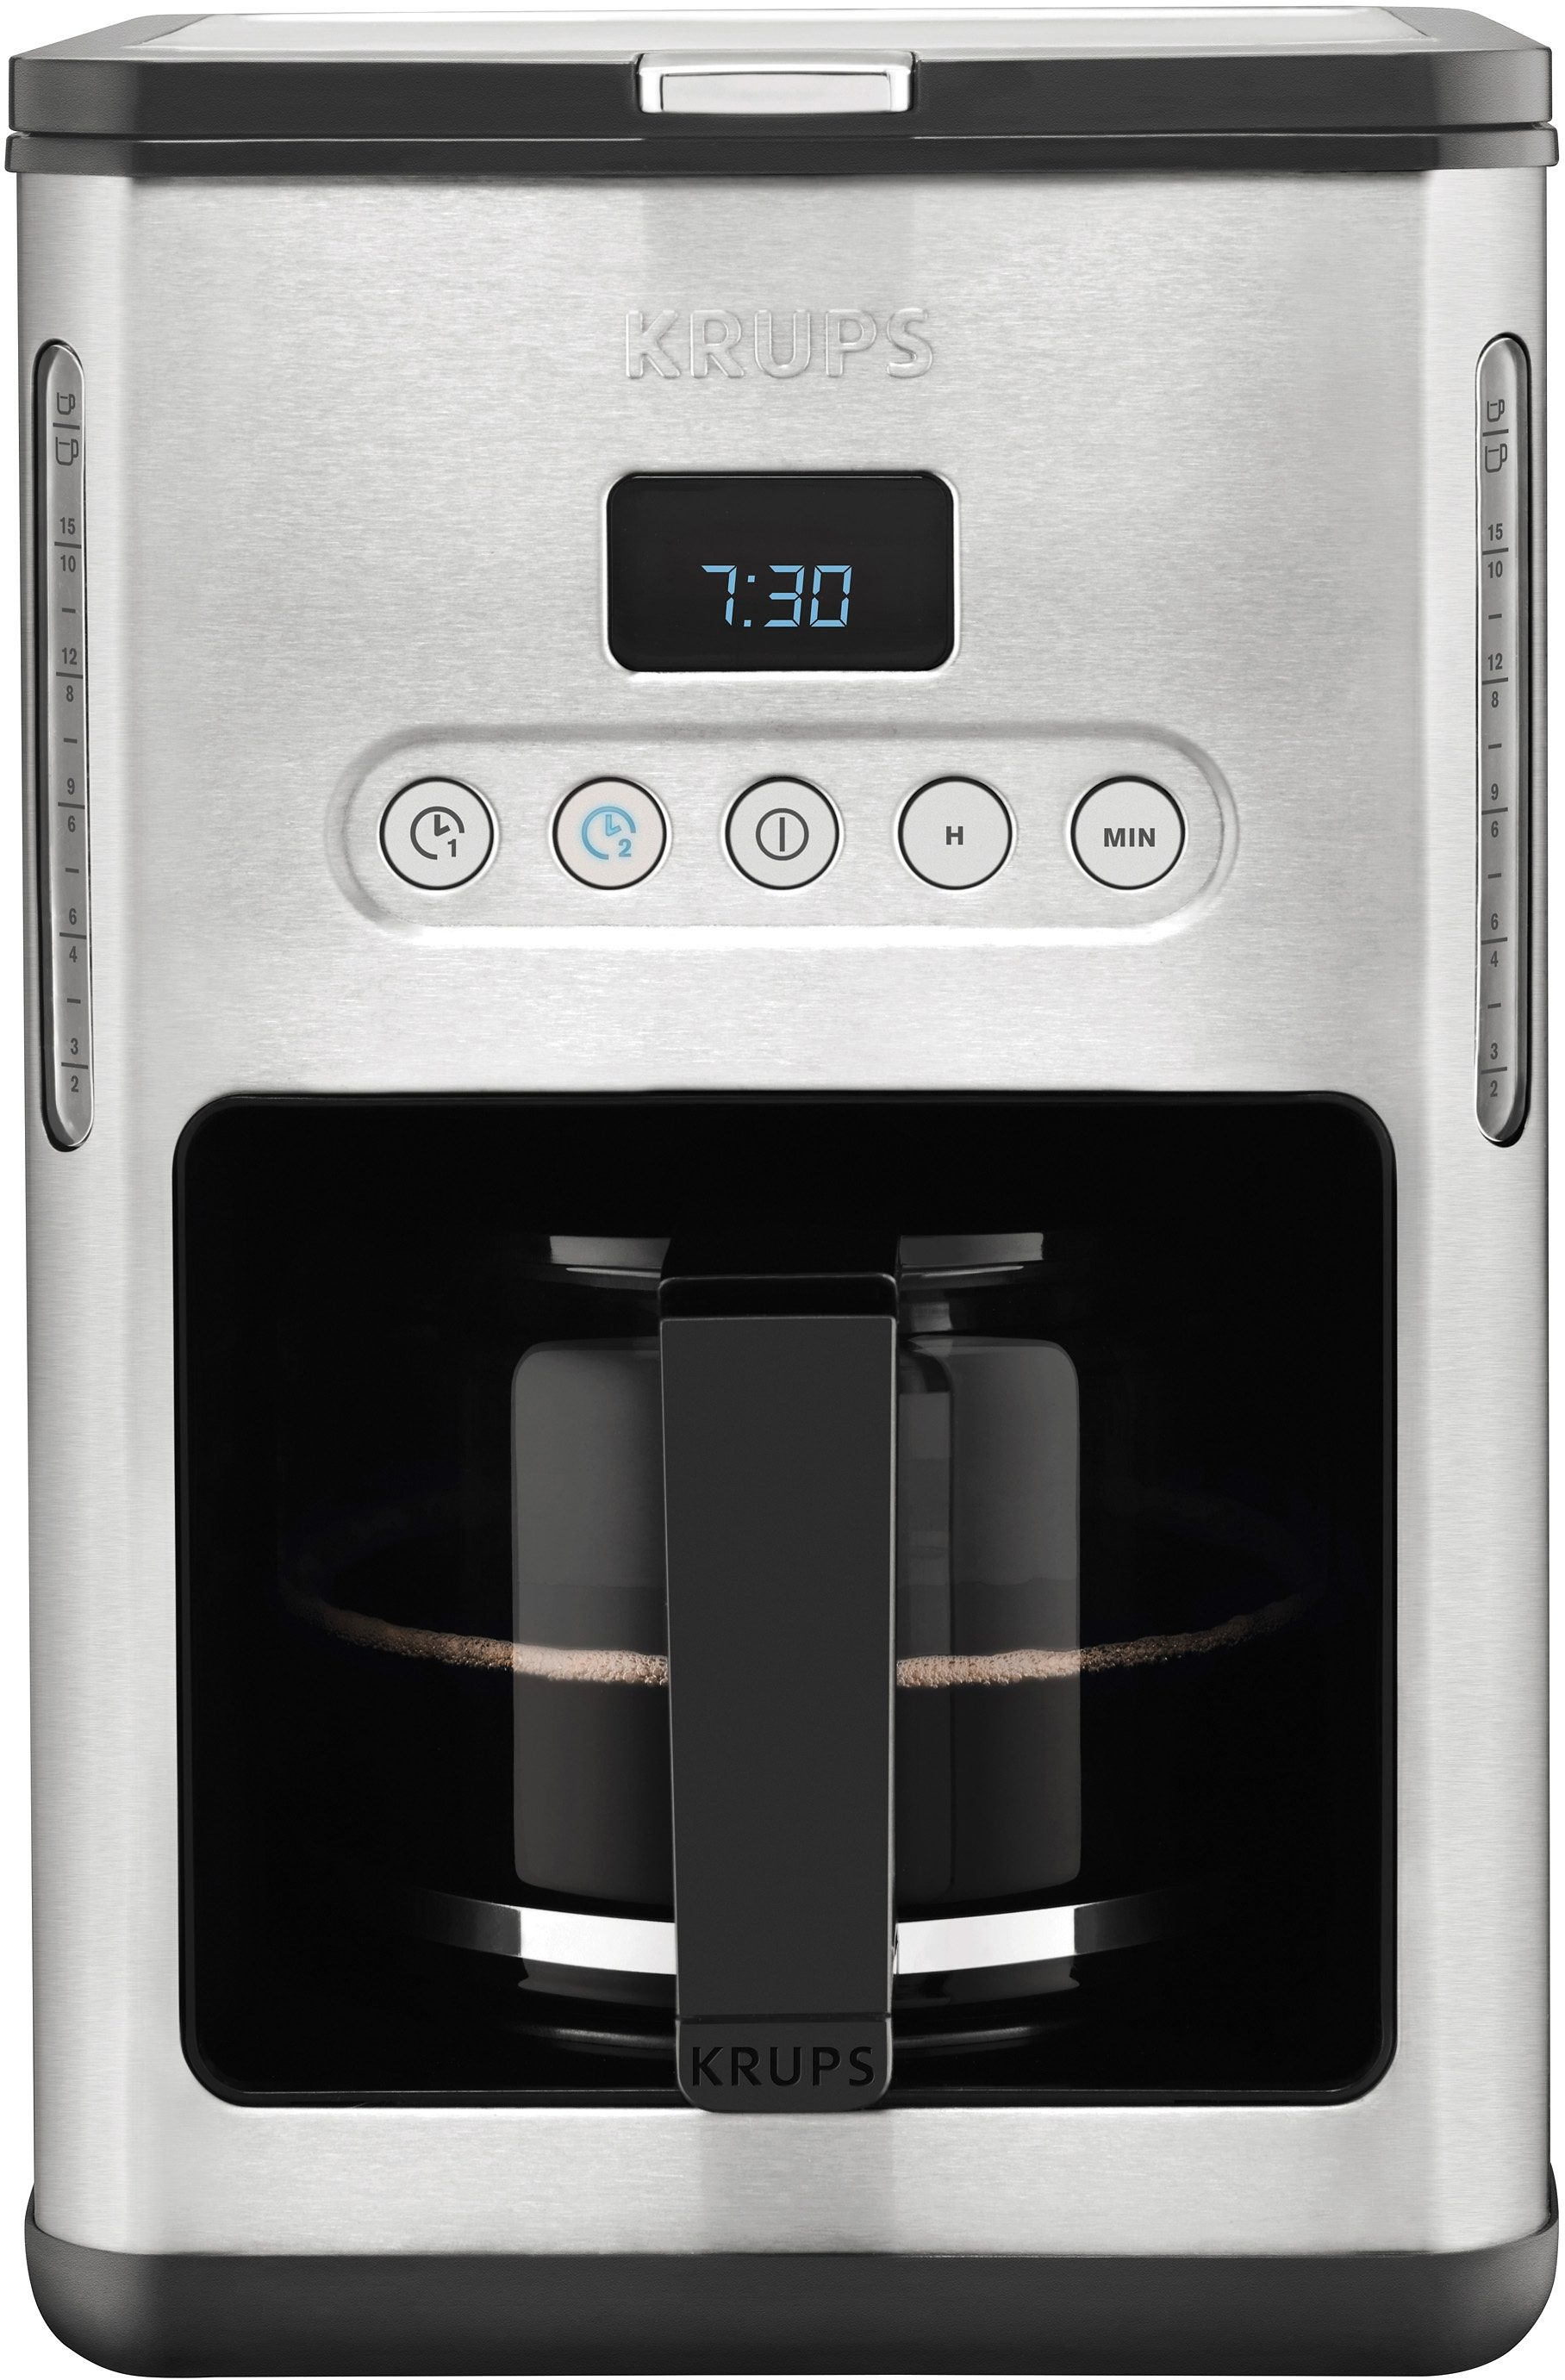 Krups Filterkaffeemaschine KM442D, 1,25l Kaffeekanne, Papierfilter 1x4, mit Keep Warm-Funktion